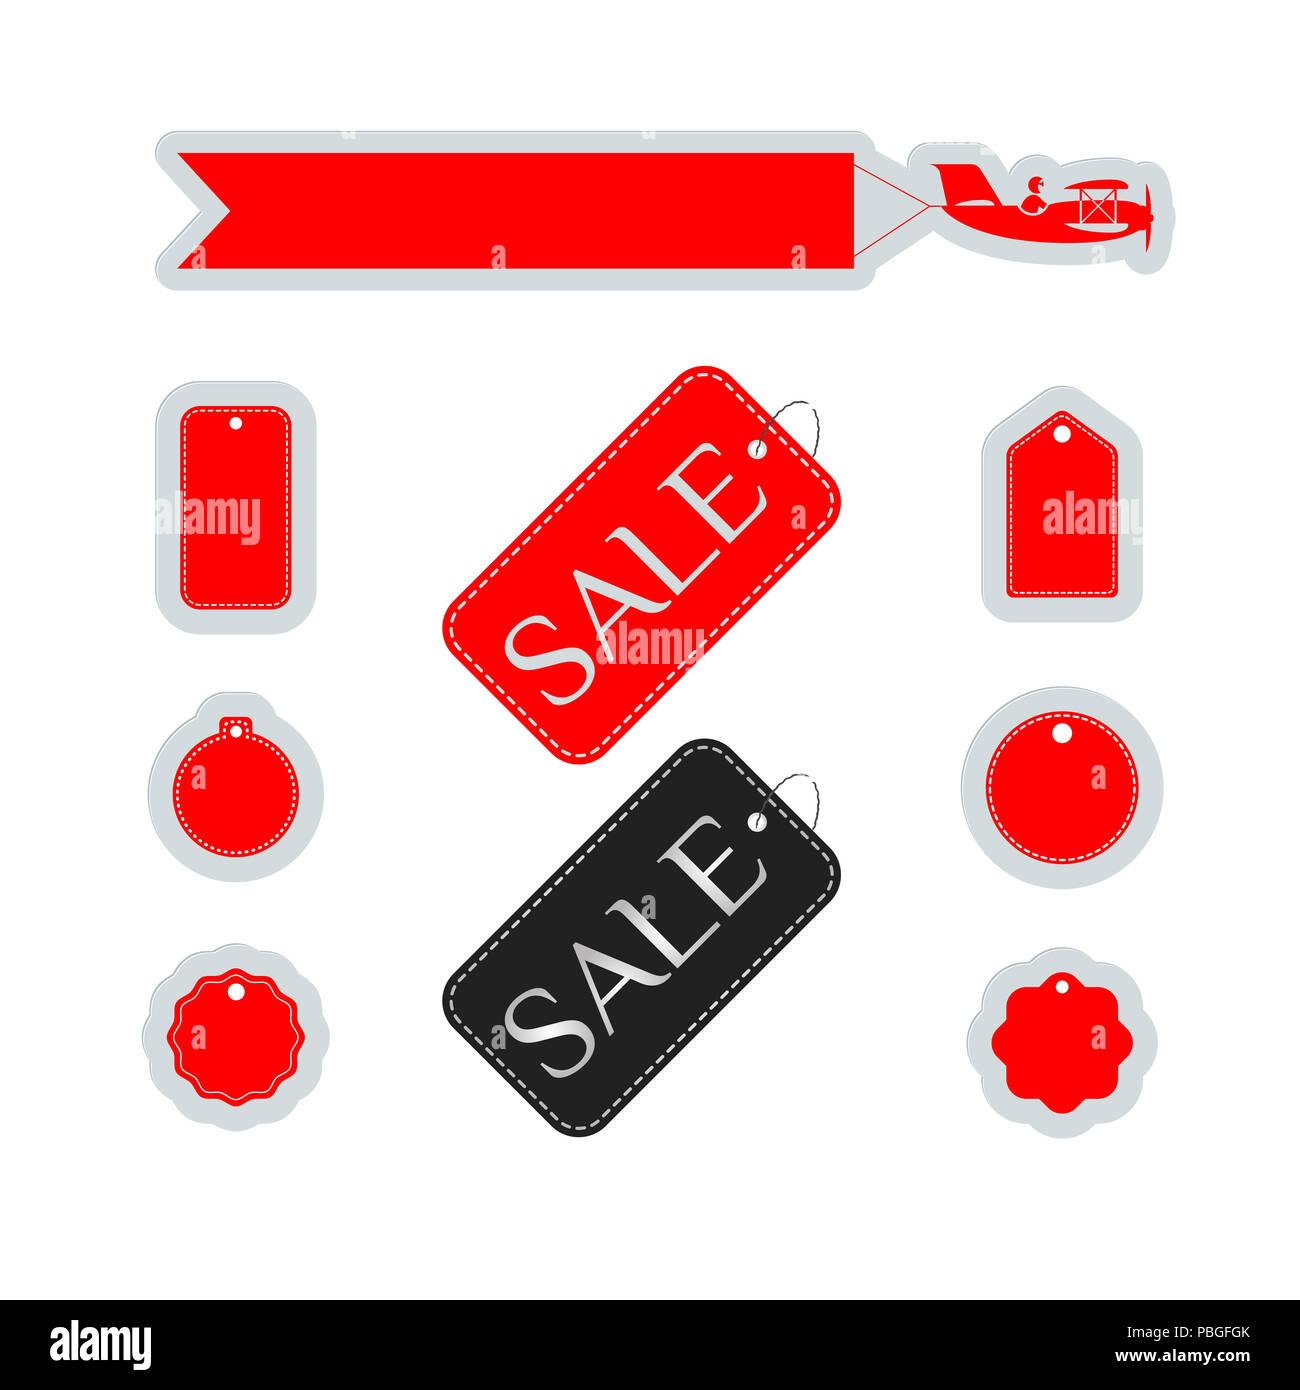 Achat et vente. Les étiquettes d'achats, éléments de design pour la conception de sites Web, des bannières, des présentations ou des cartes de visite, flyers, brochures et affiches. Photo Stock